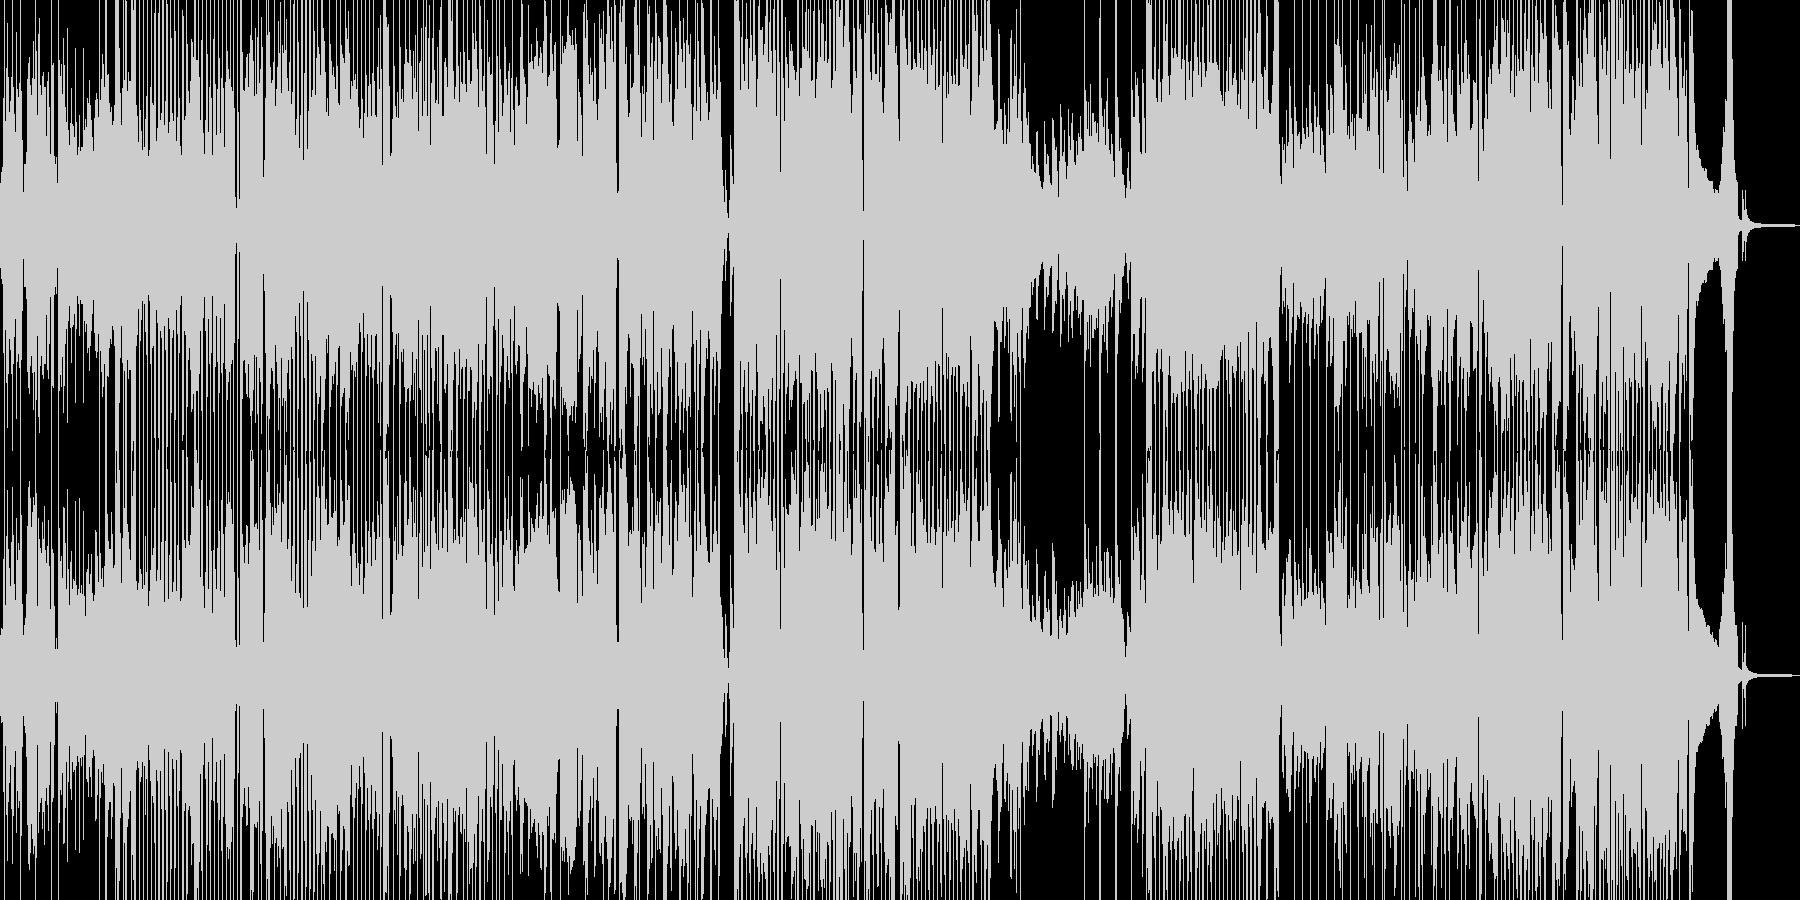 前向きで明るい気持ちになるジャズ 短尺の未再生の波形